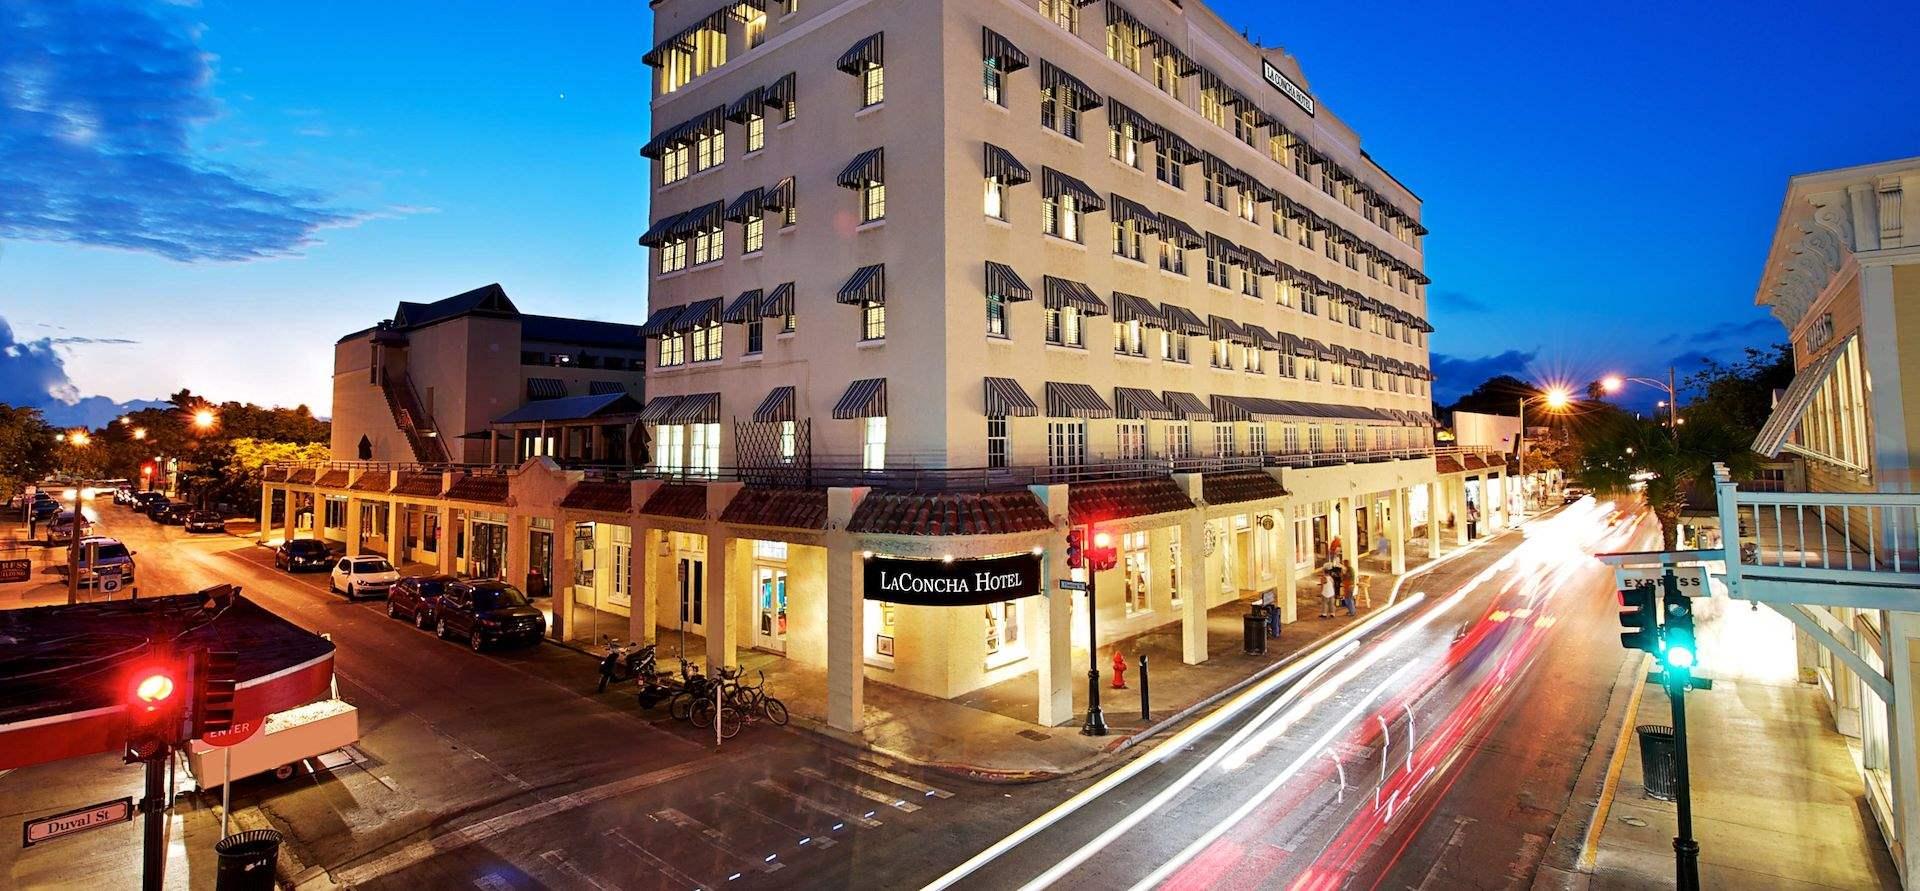 Modern view of the La Concha hotel